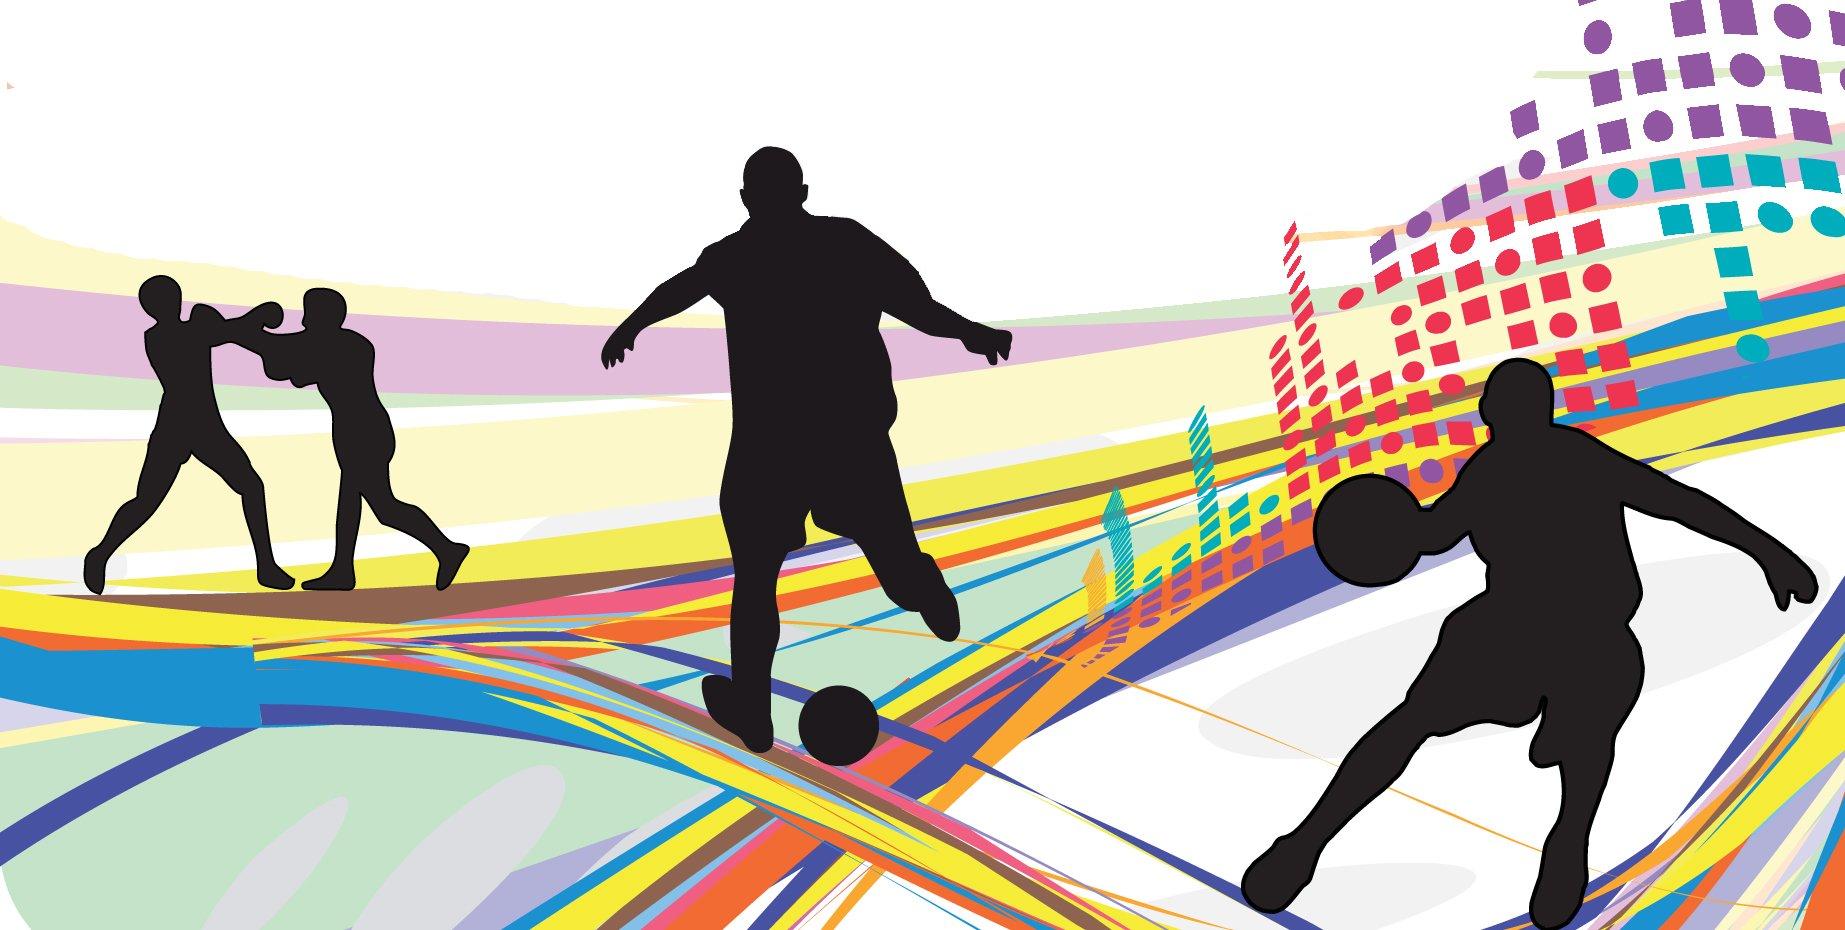 Concorso letterario gratis di poesia e racconti sullo sport